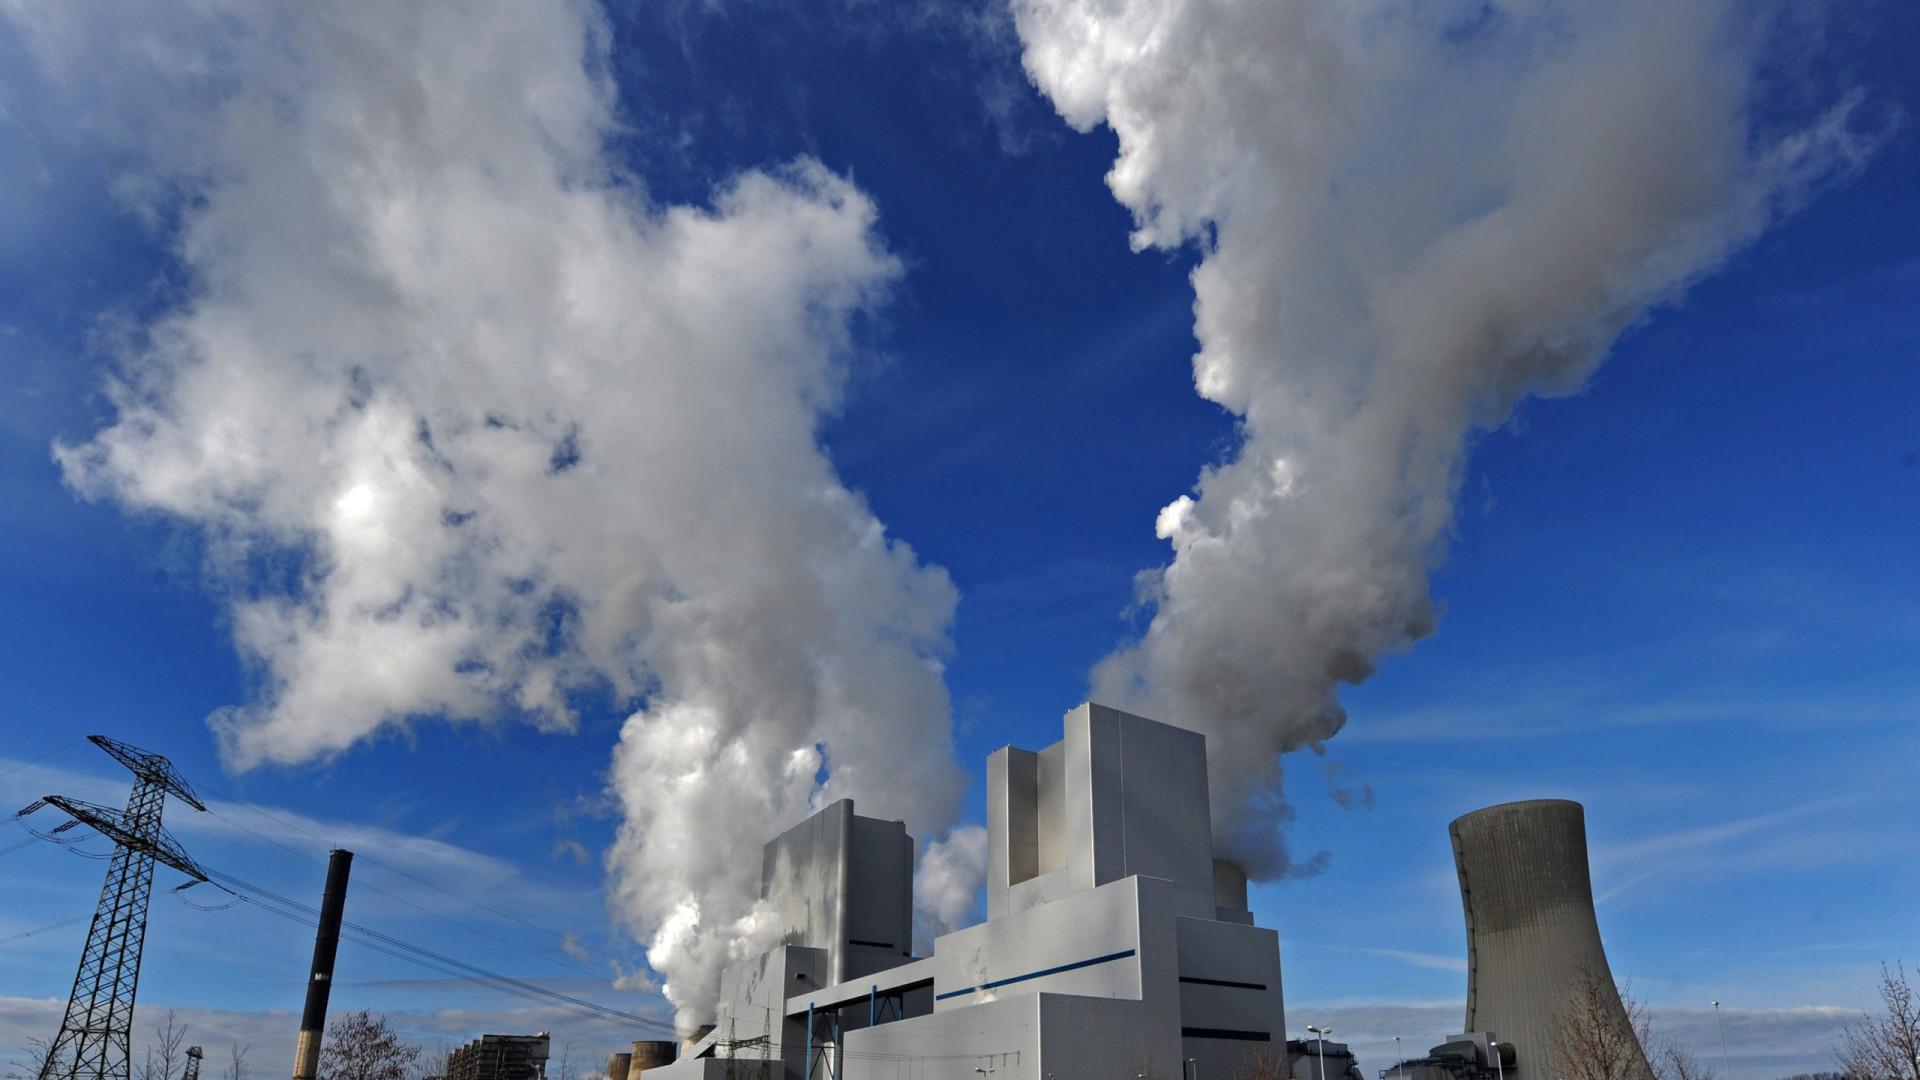 Elevados níveis de poluição fazem soar alarmes na Ásia